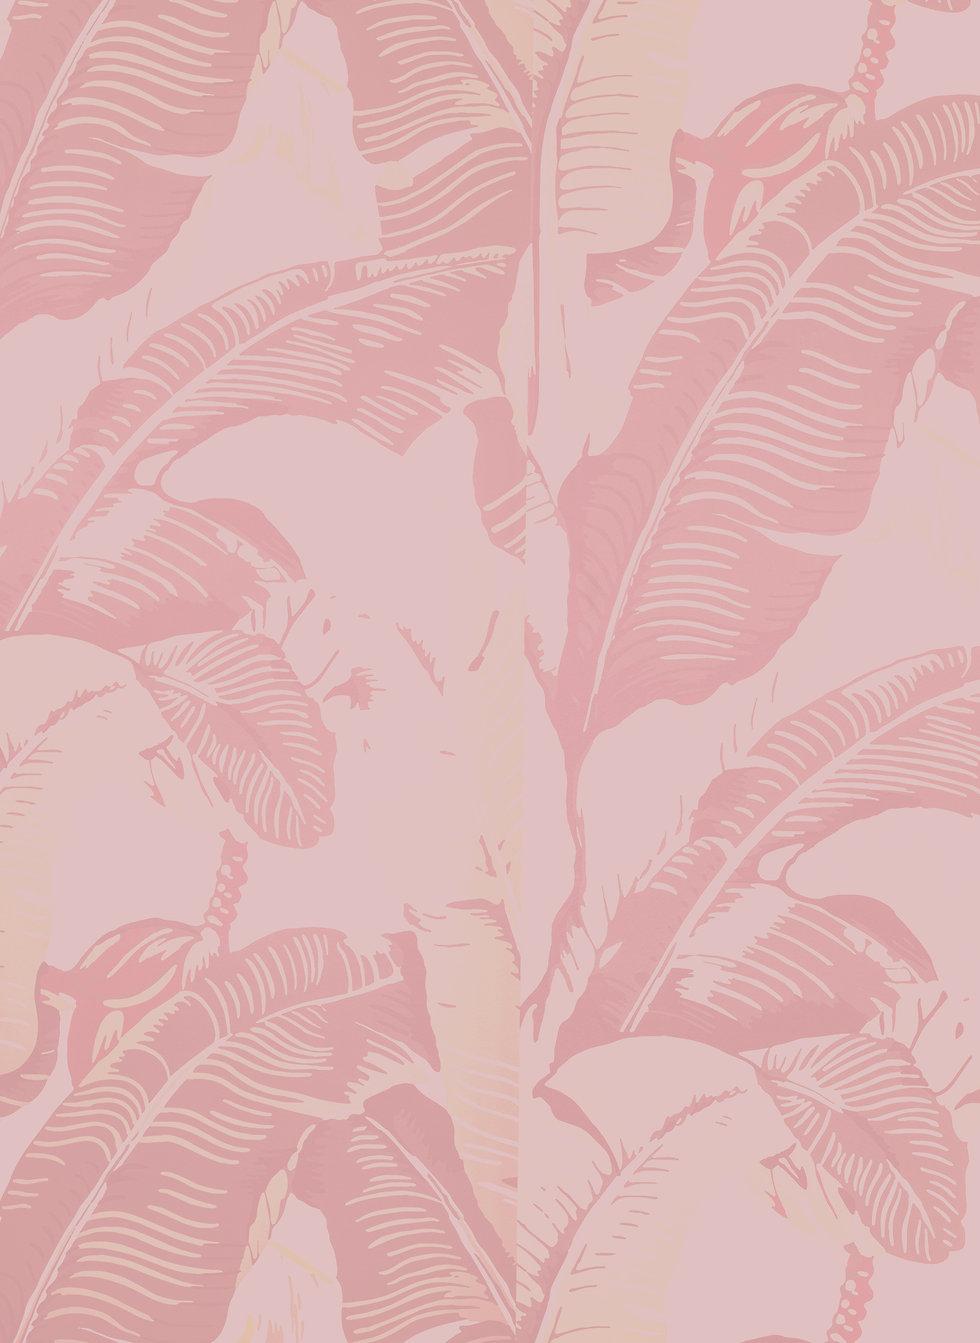 sfondo-rosa.jpg